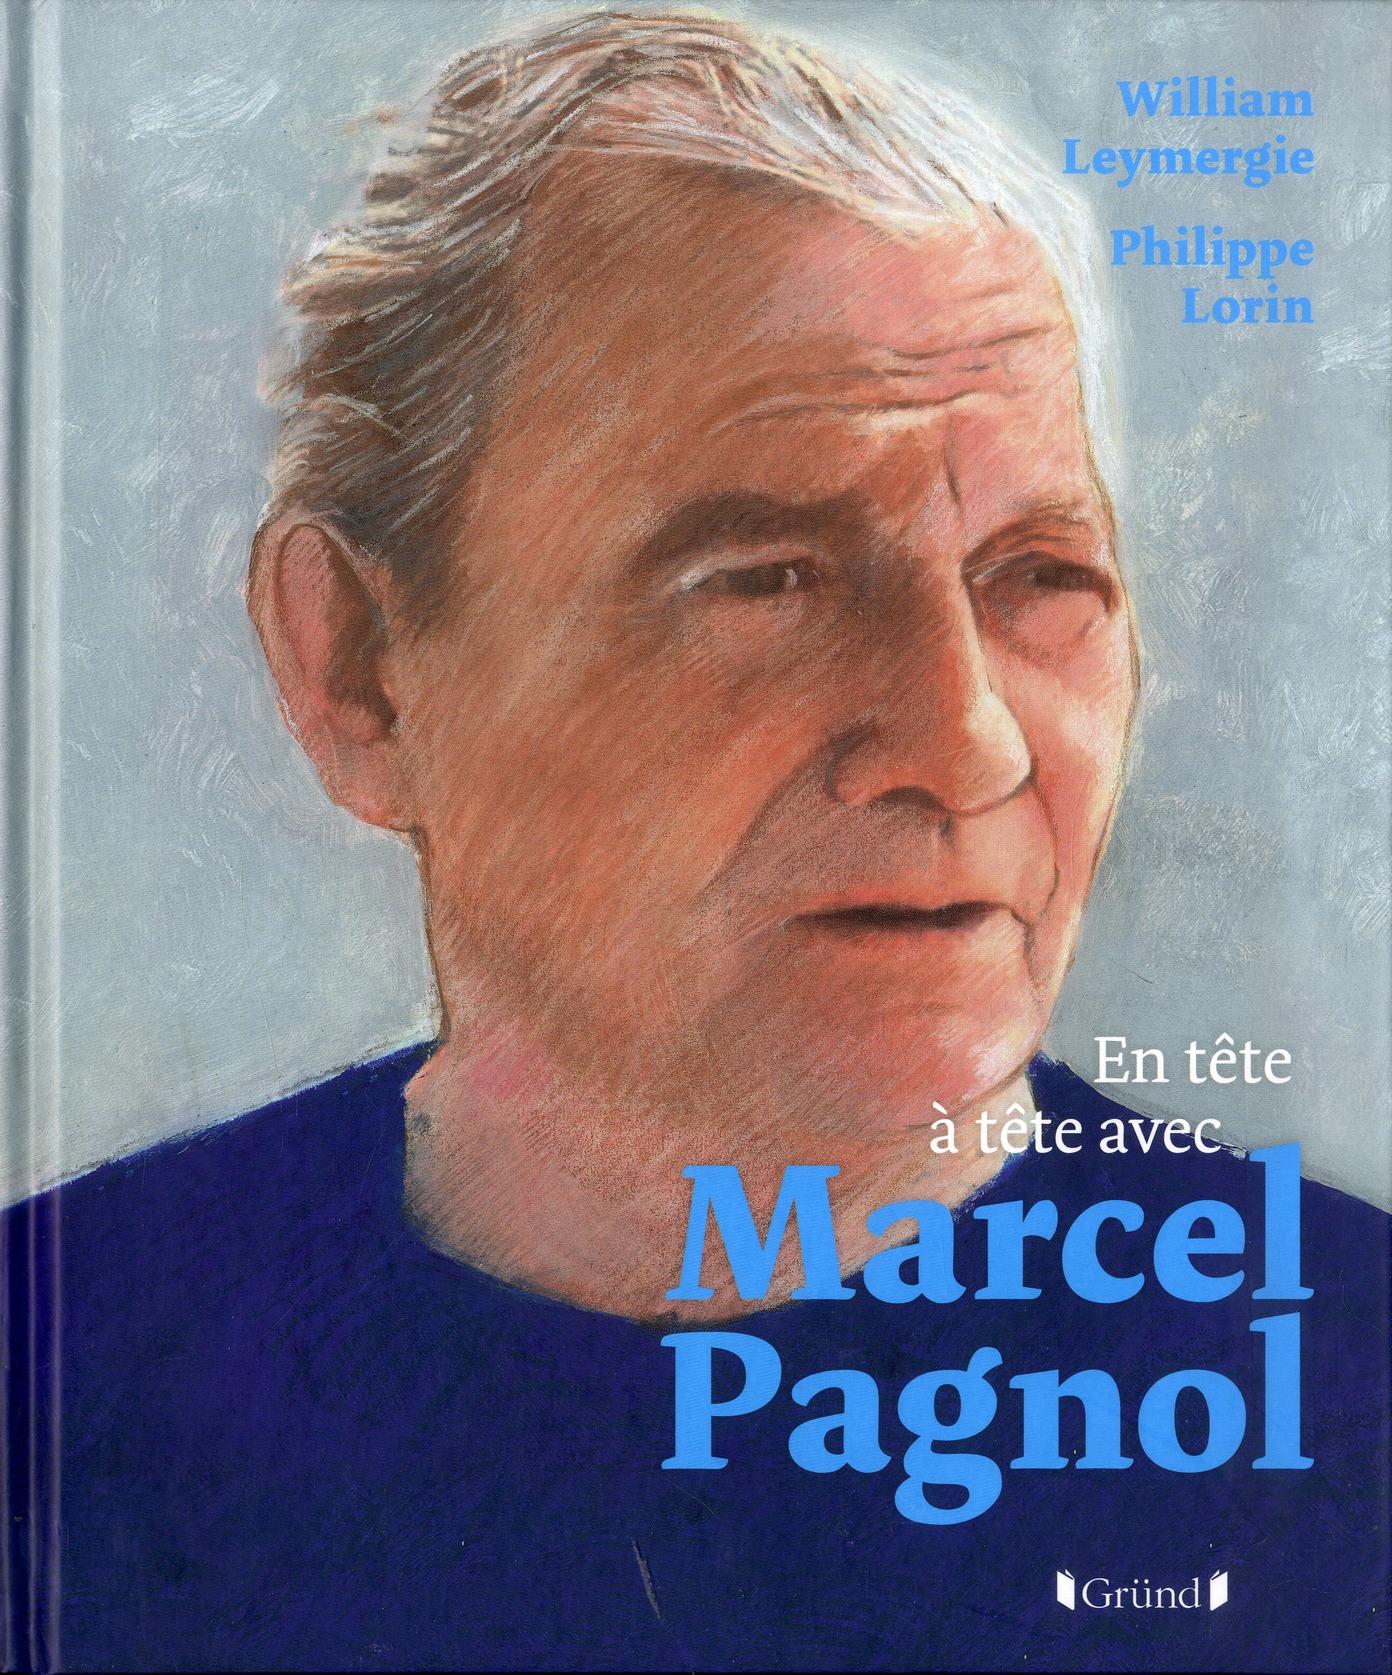 EN TETE-A-TETE ; avec Marcel Pagnol